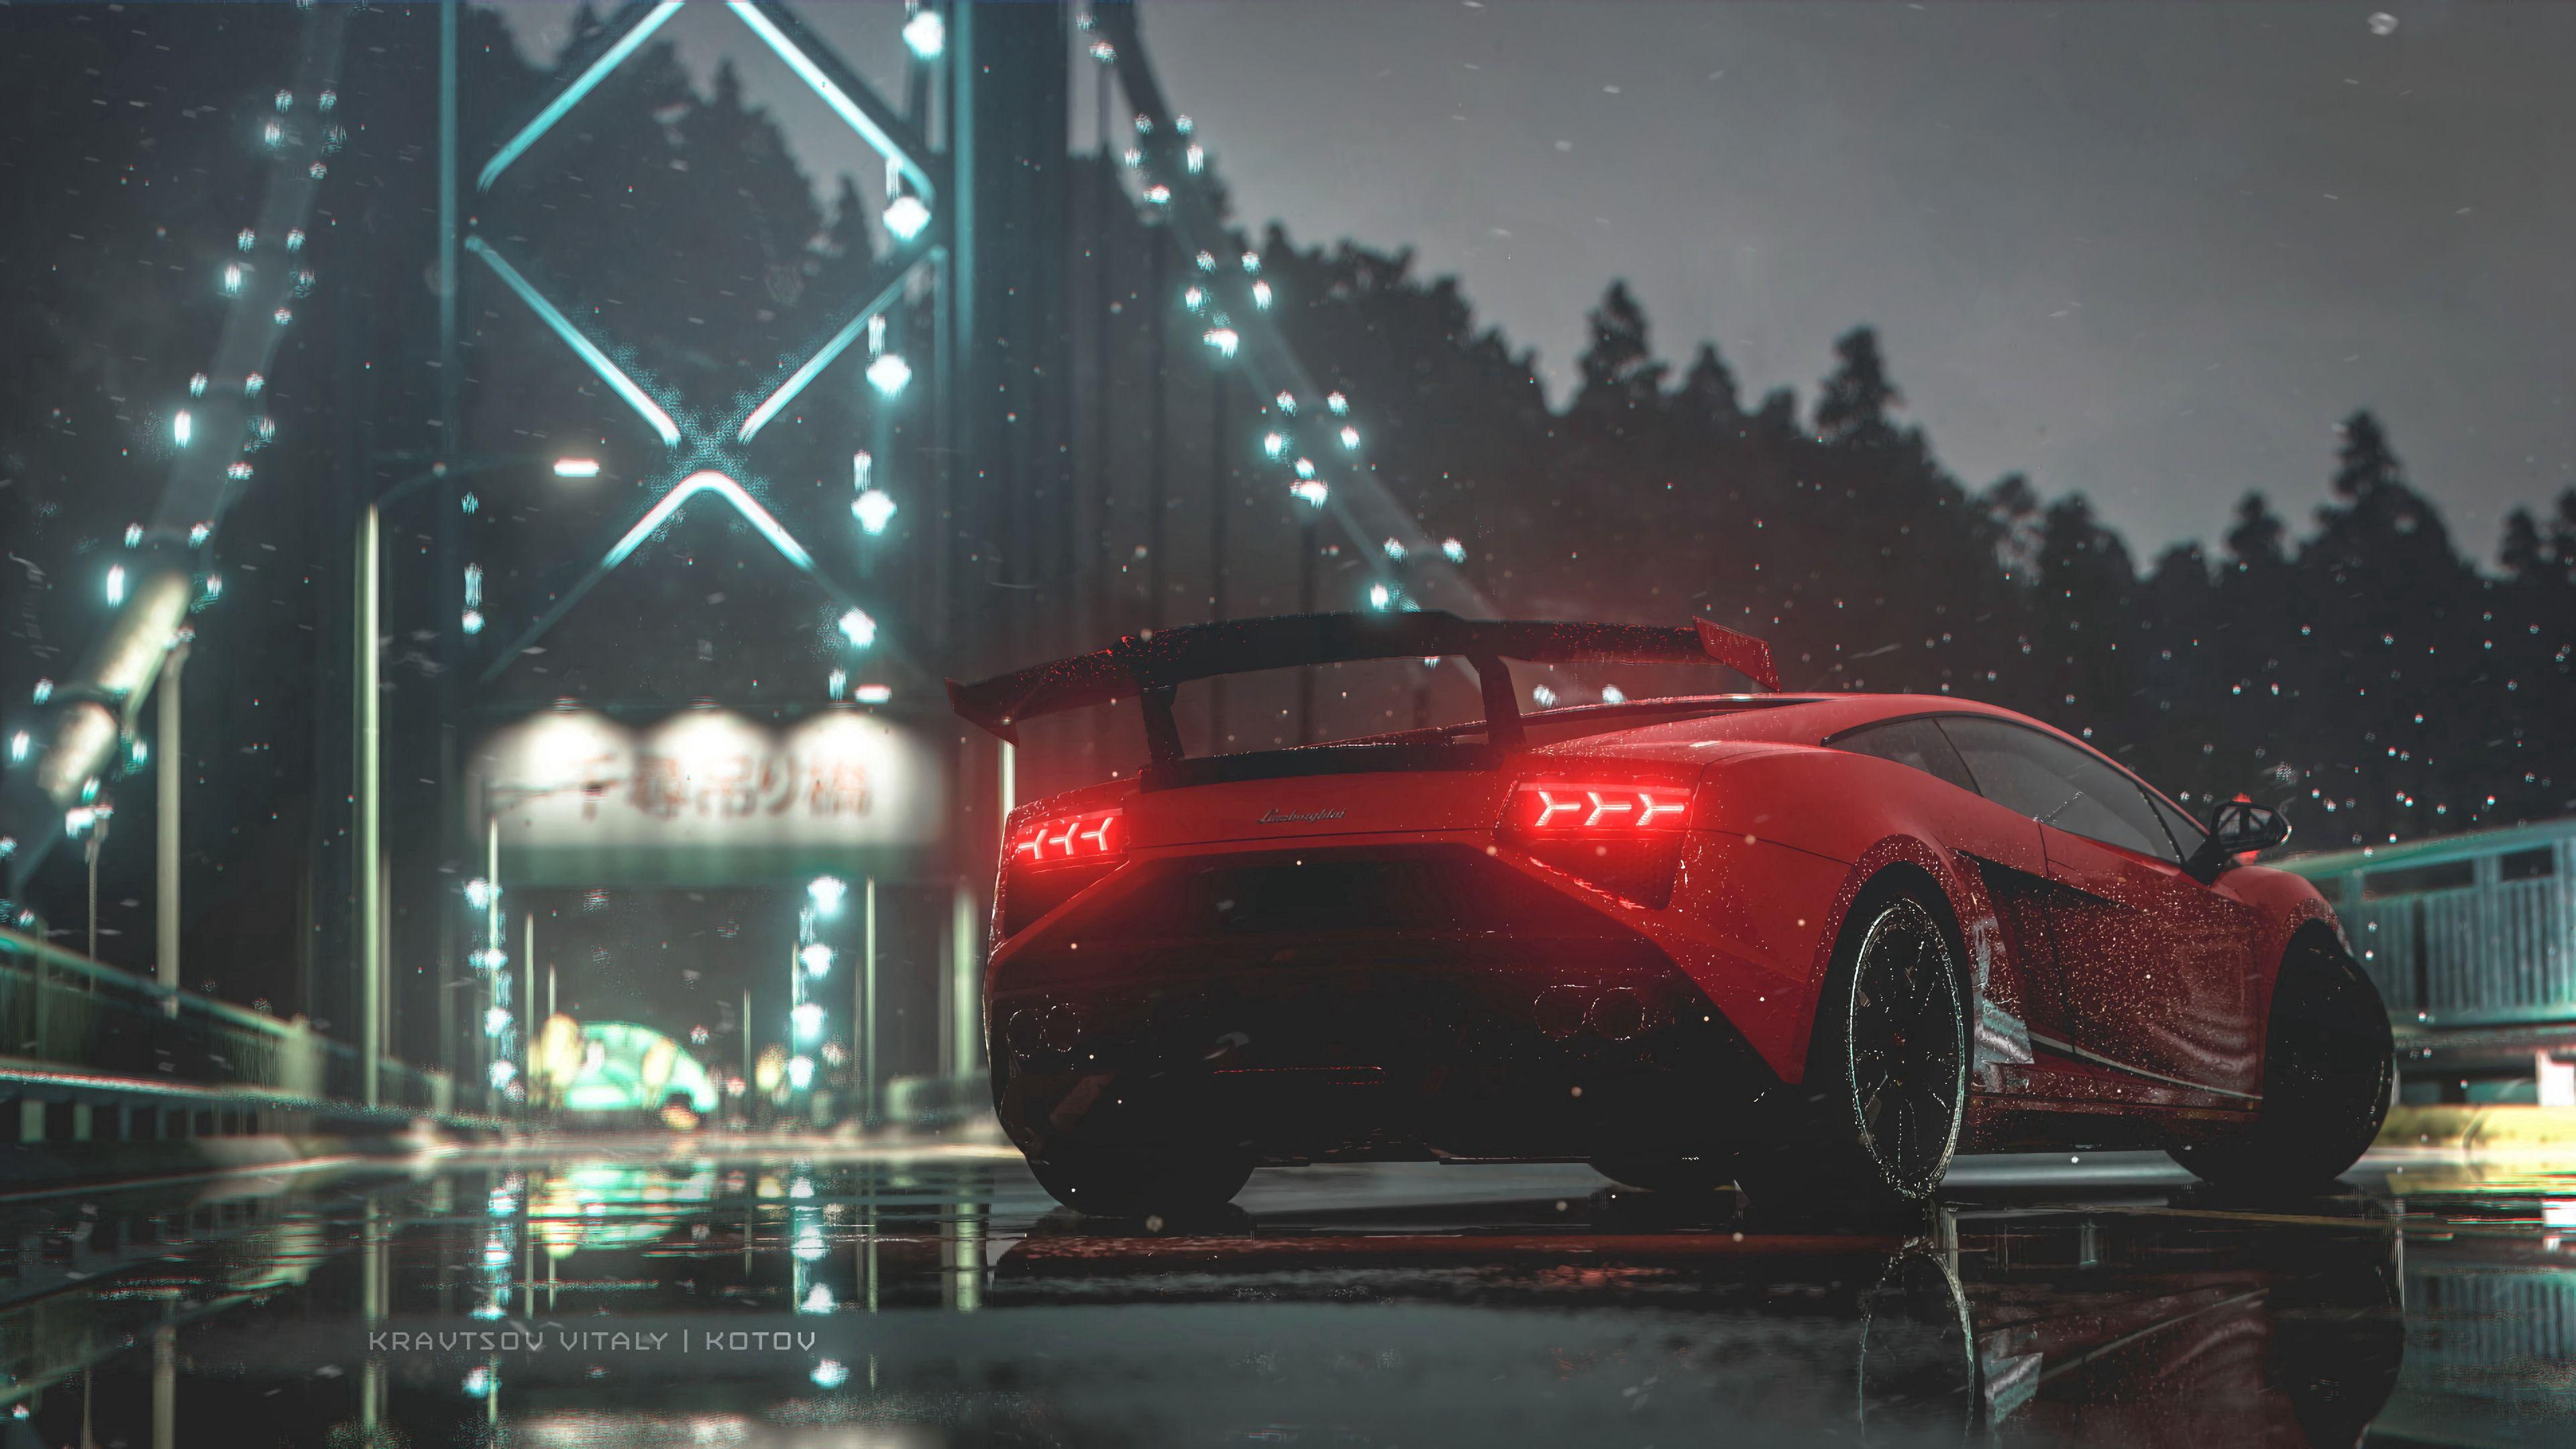 147301 Hintergrundbild herunterladen Cars, Sport, Auto, Nass, Maschine, Hintergrundbeleuchtung, Beleuchtung, Sportwagen, Seitenansicht - Bildschirmschoner und Bilder kostenlos